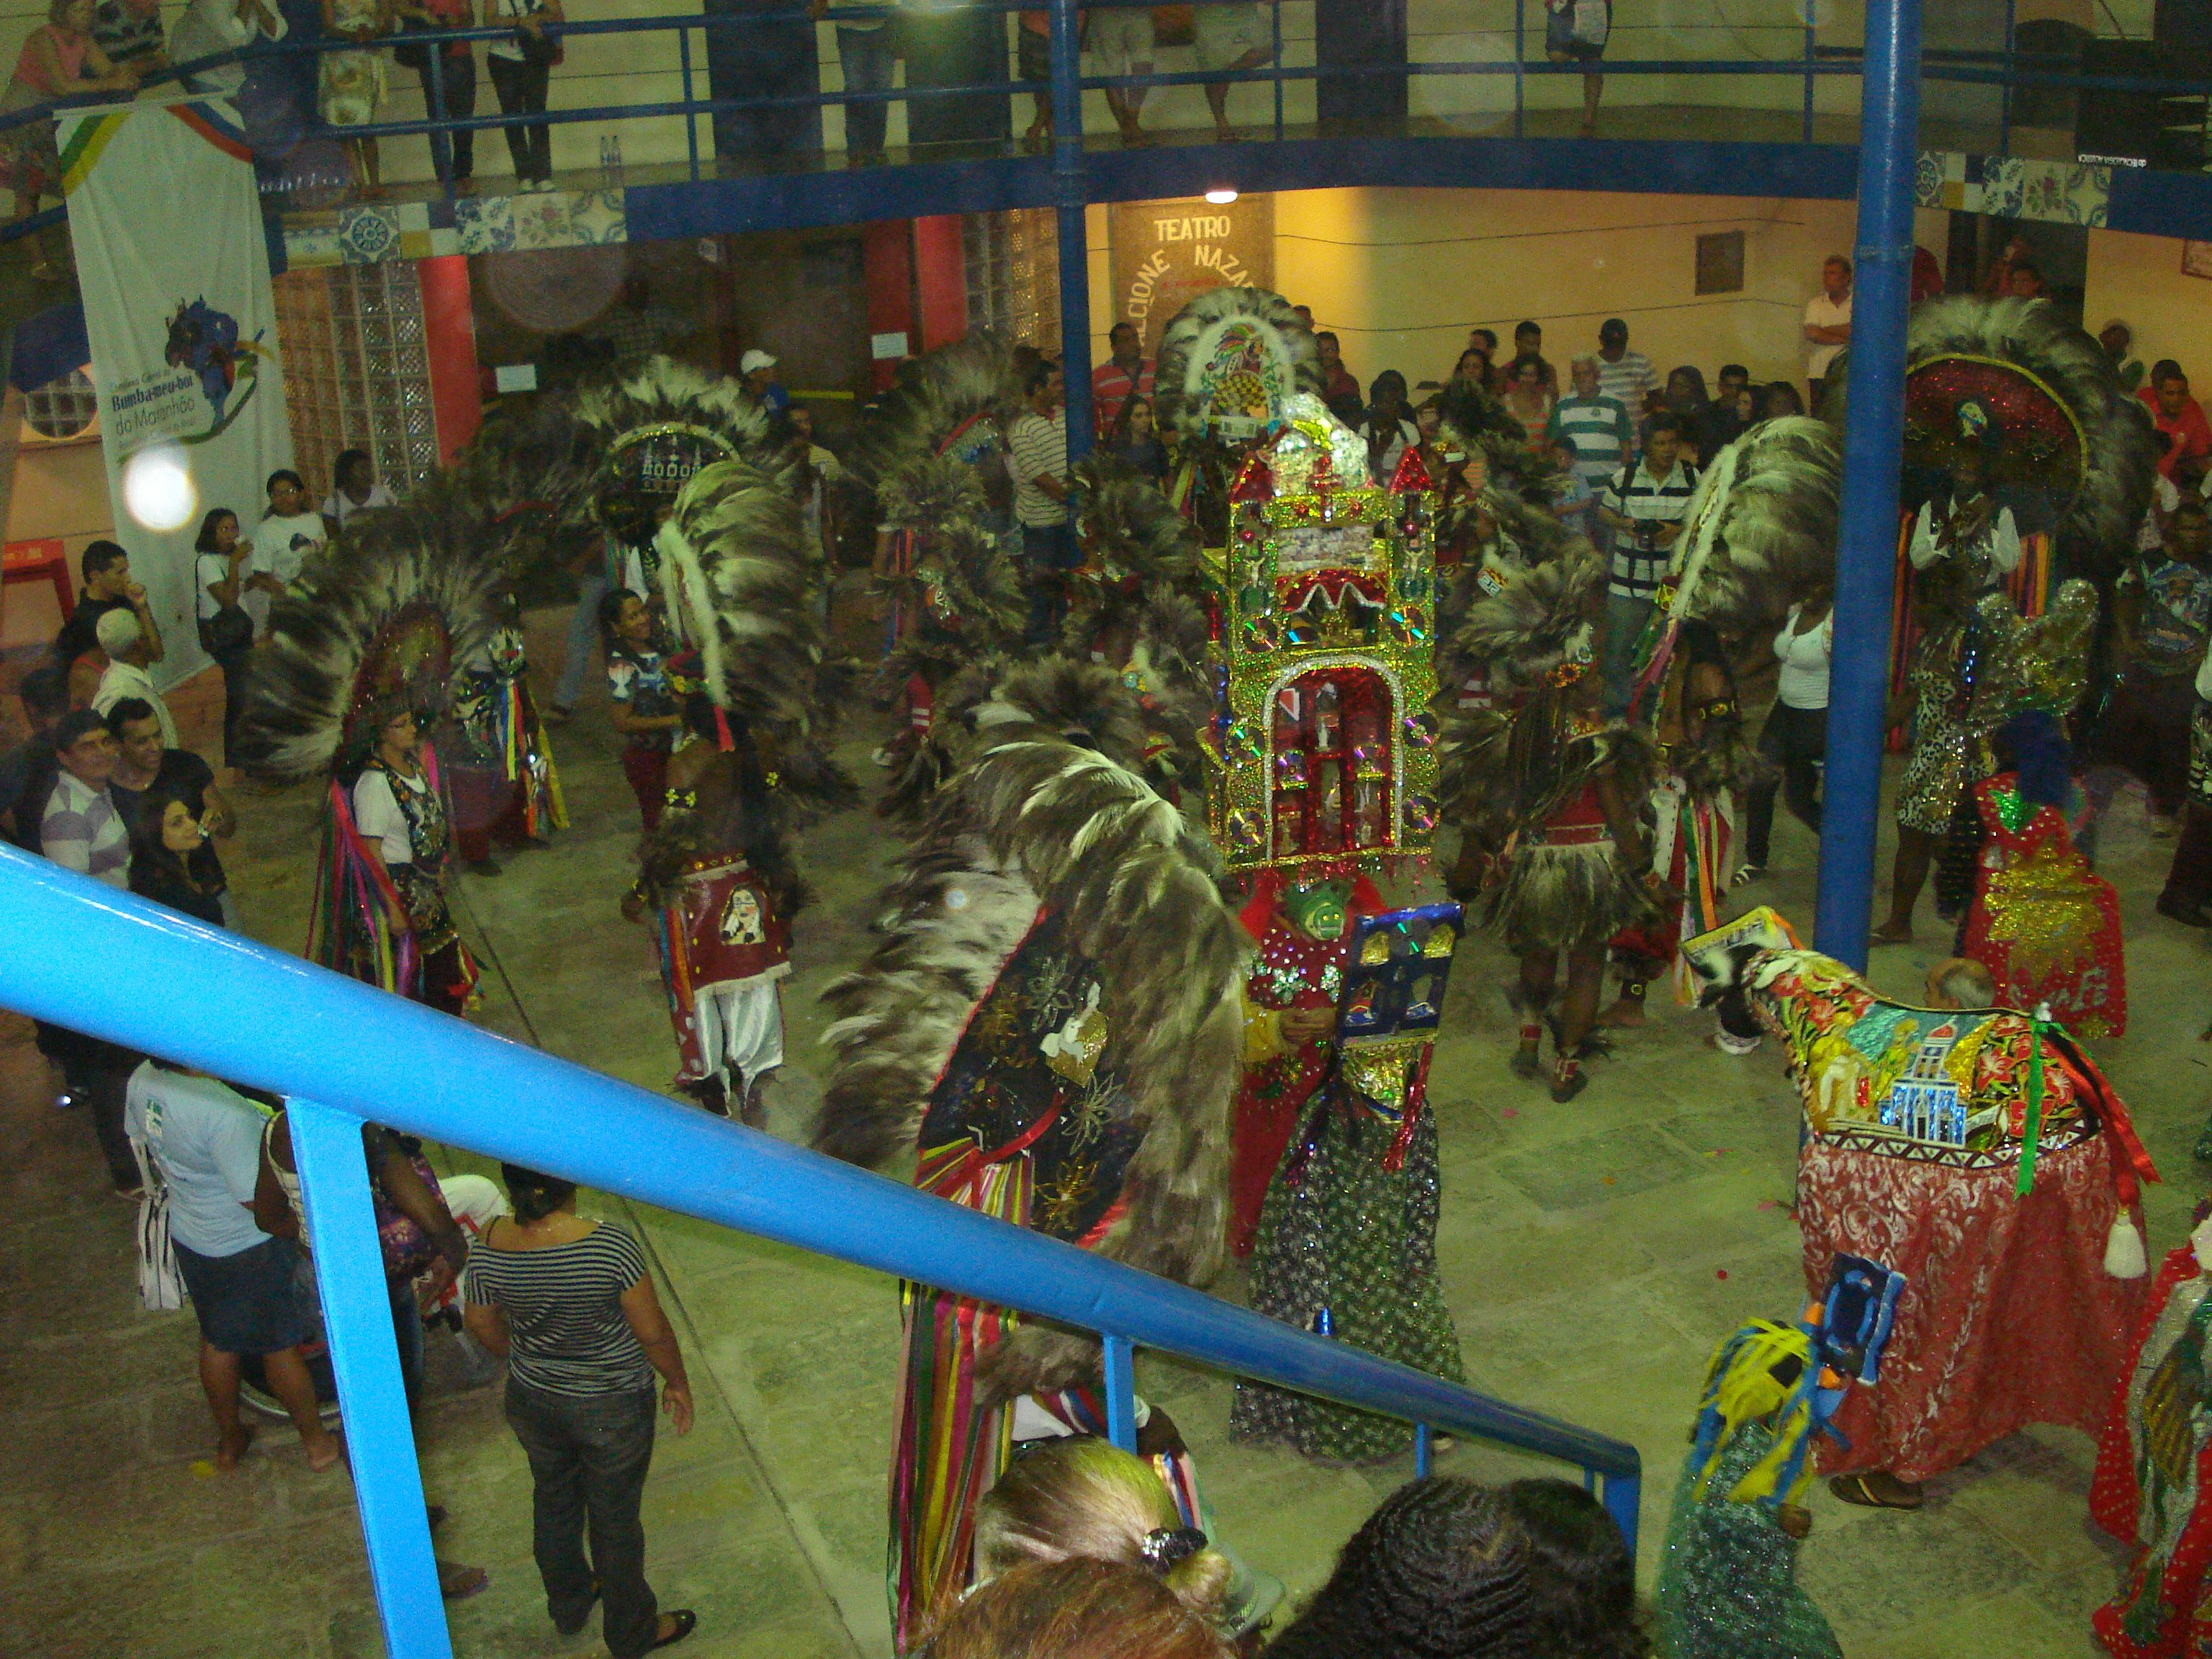 As tradições folclóricas do povo maranhense. Centro histórico de São Luís, Maranhão - BRASIL